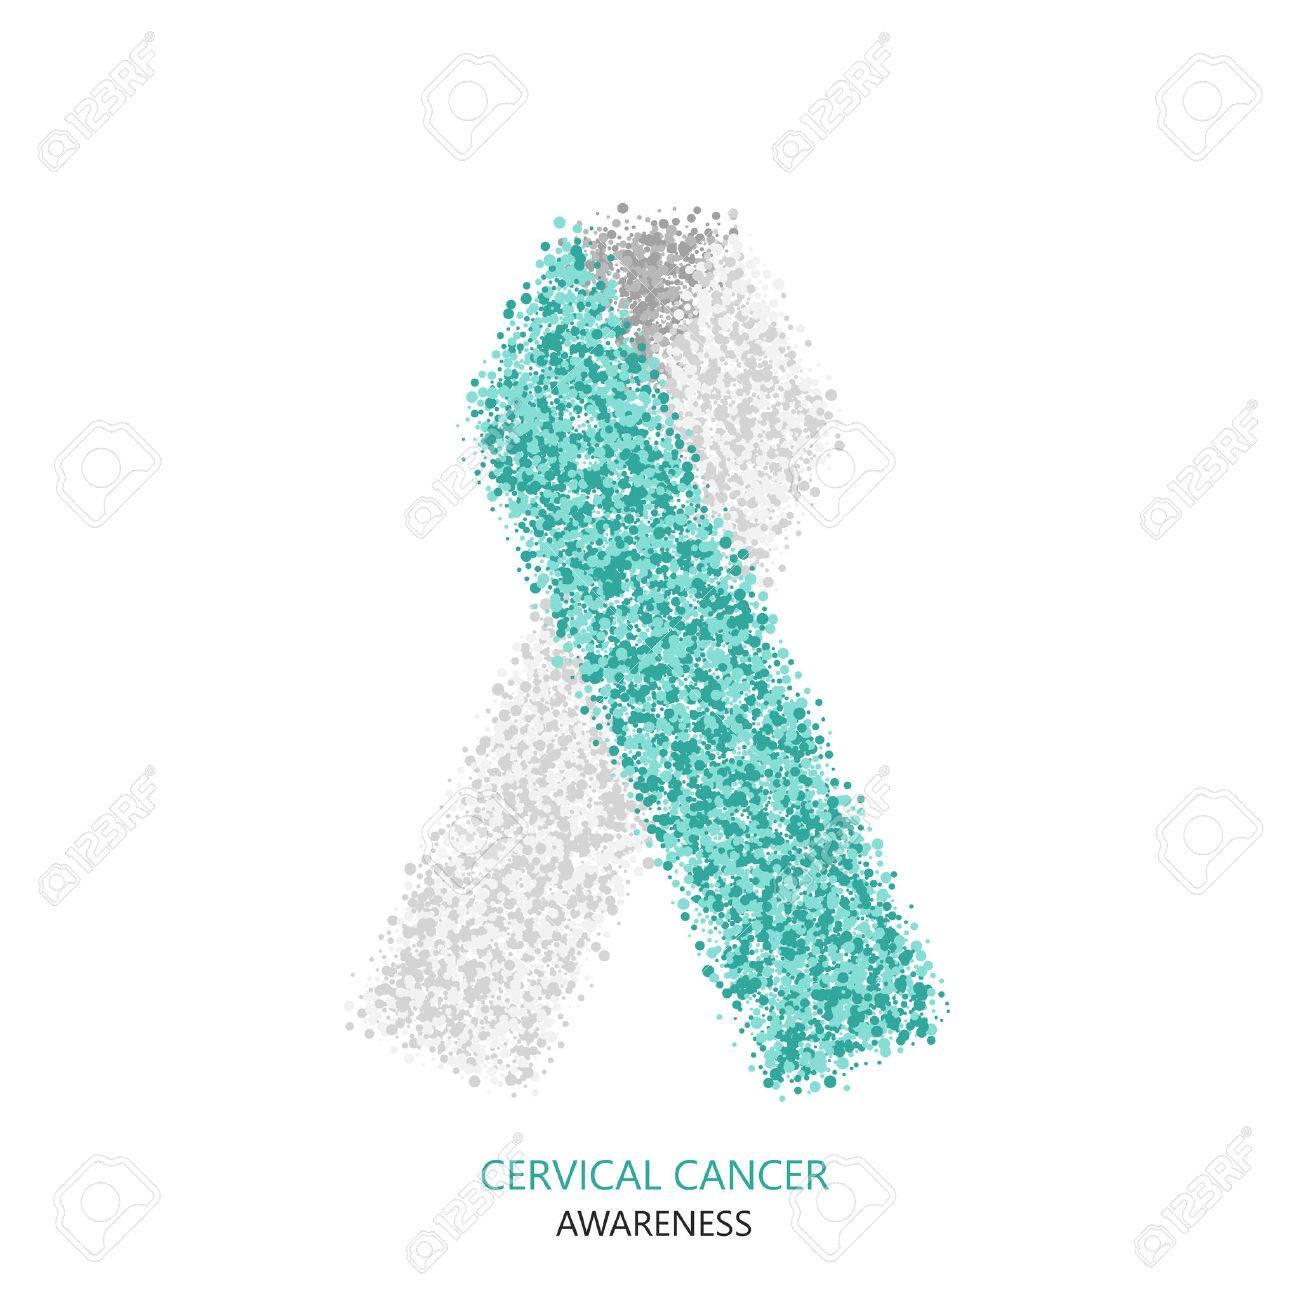 8 lucruri despre cancer de care ar trebui să fii conștient | ghise-ioan.ro